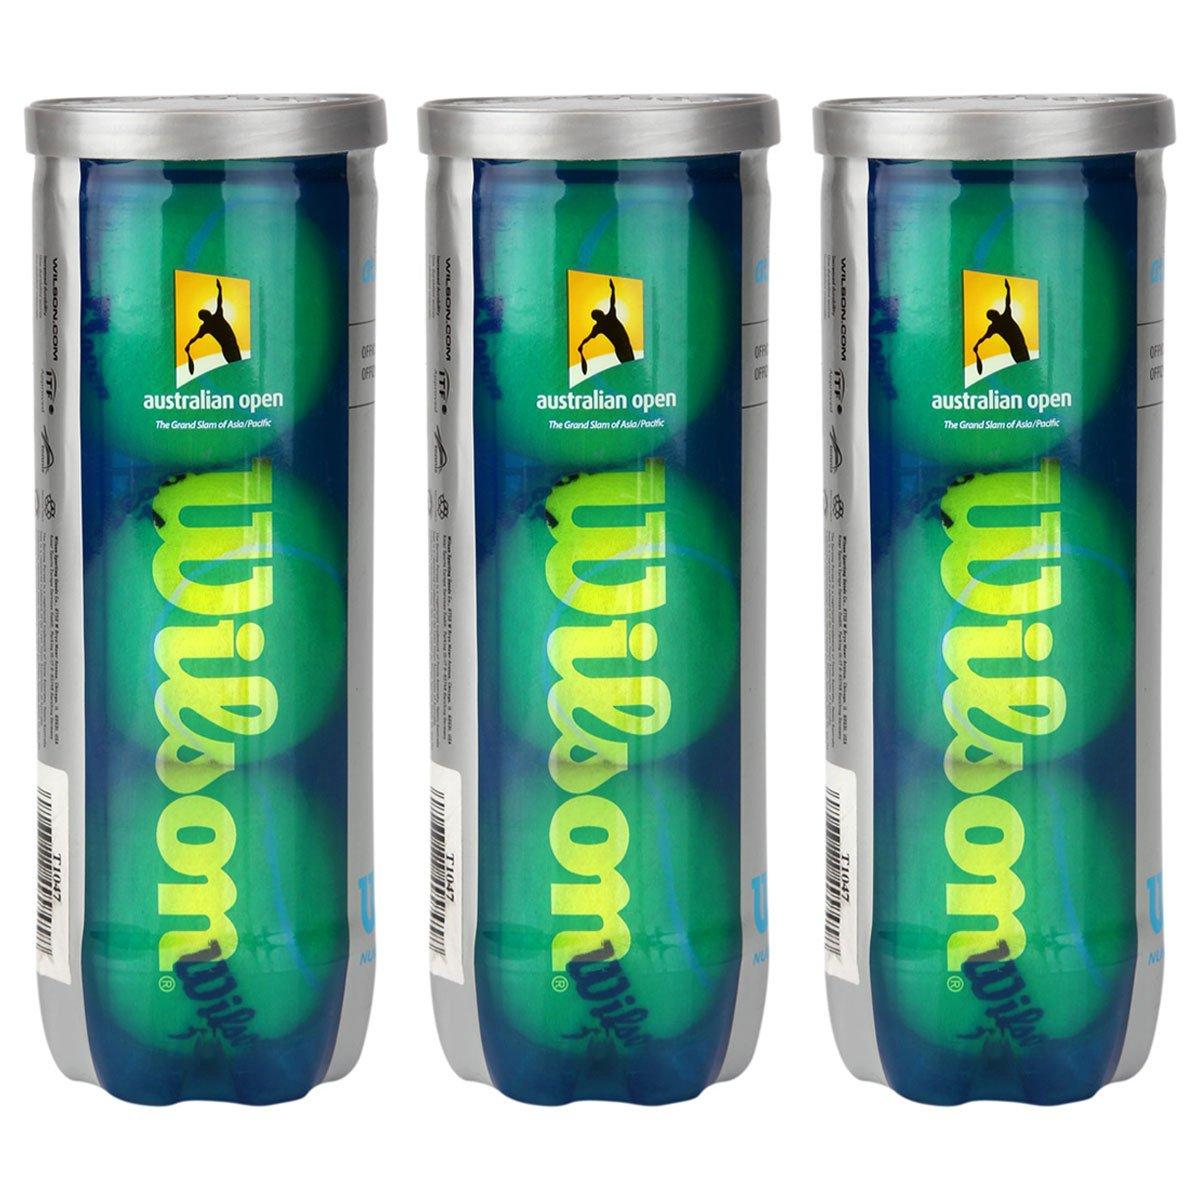 b97d5321e Kit c  3 Tubos de Bolas de Tennis Wilson Australian Open - Compre Agora